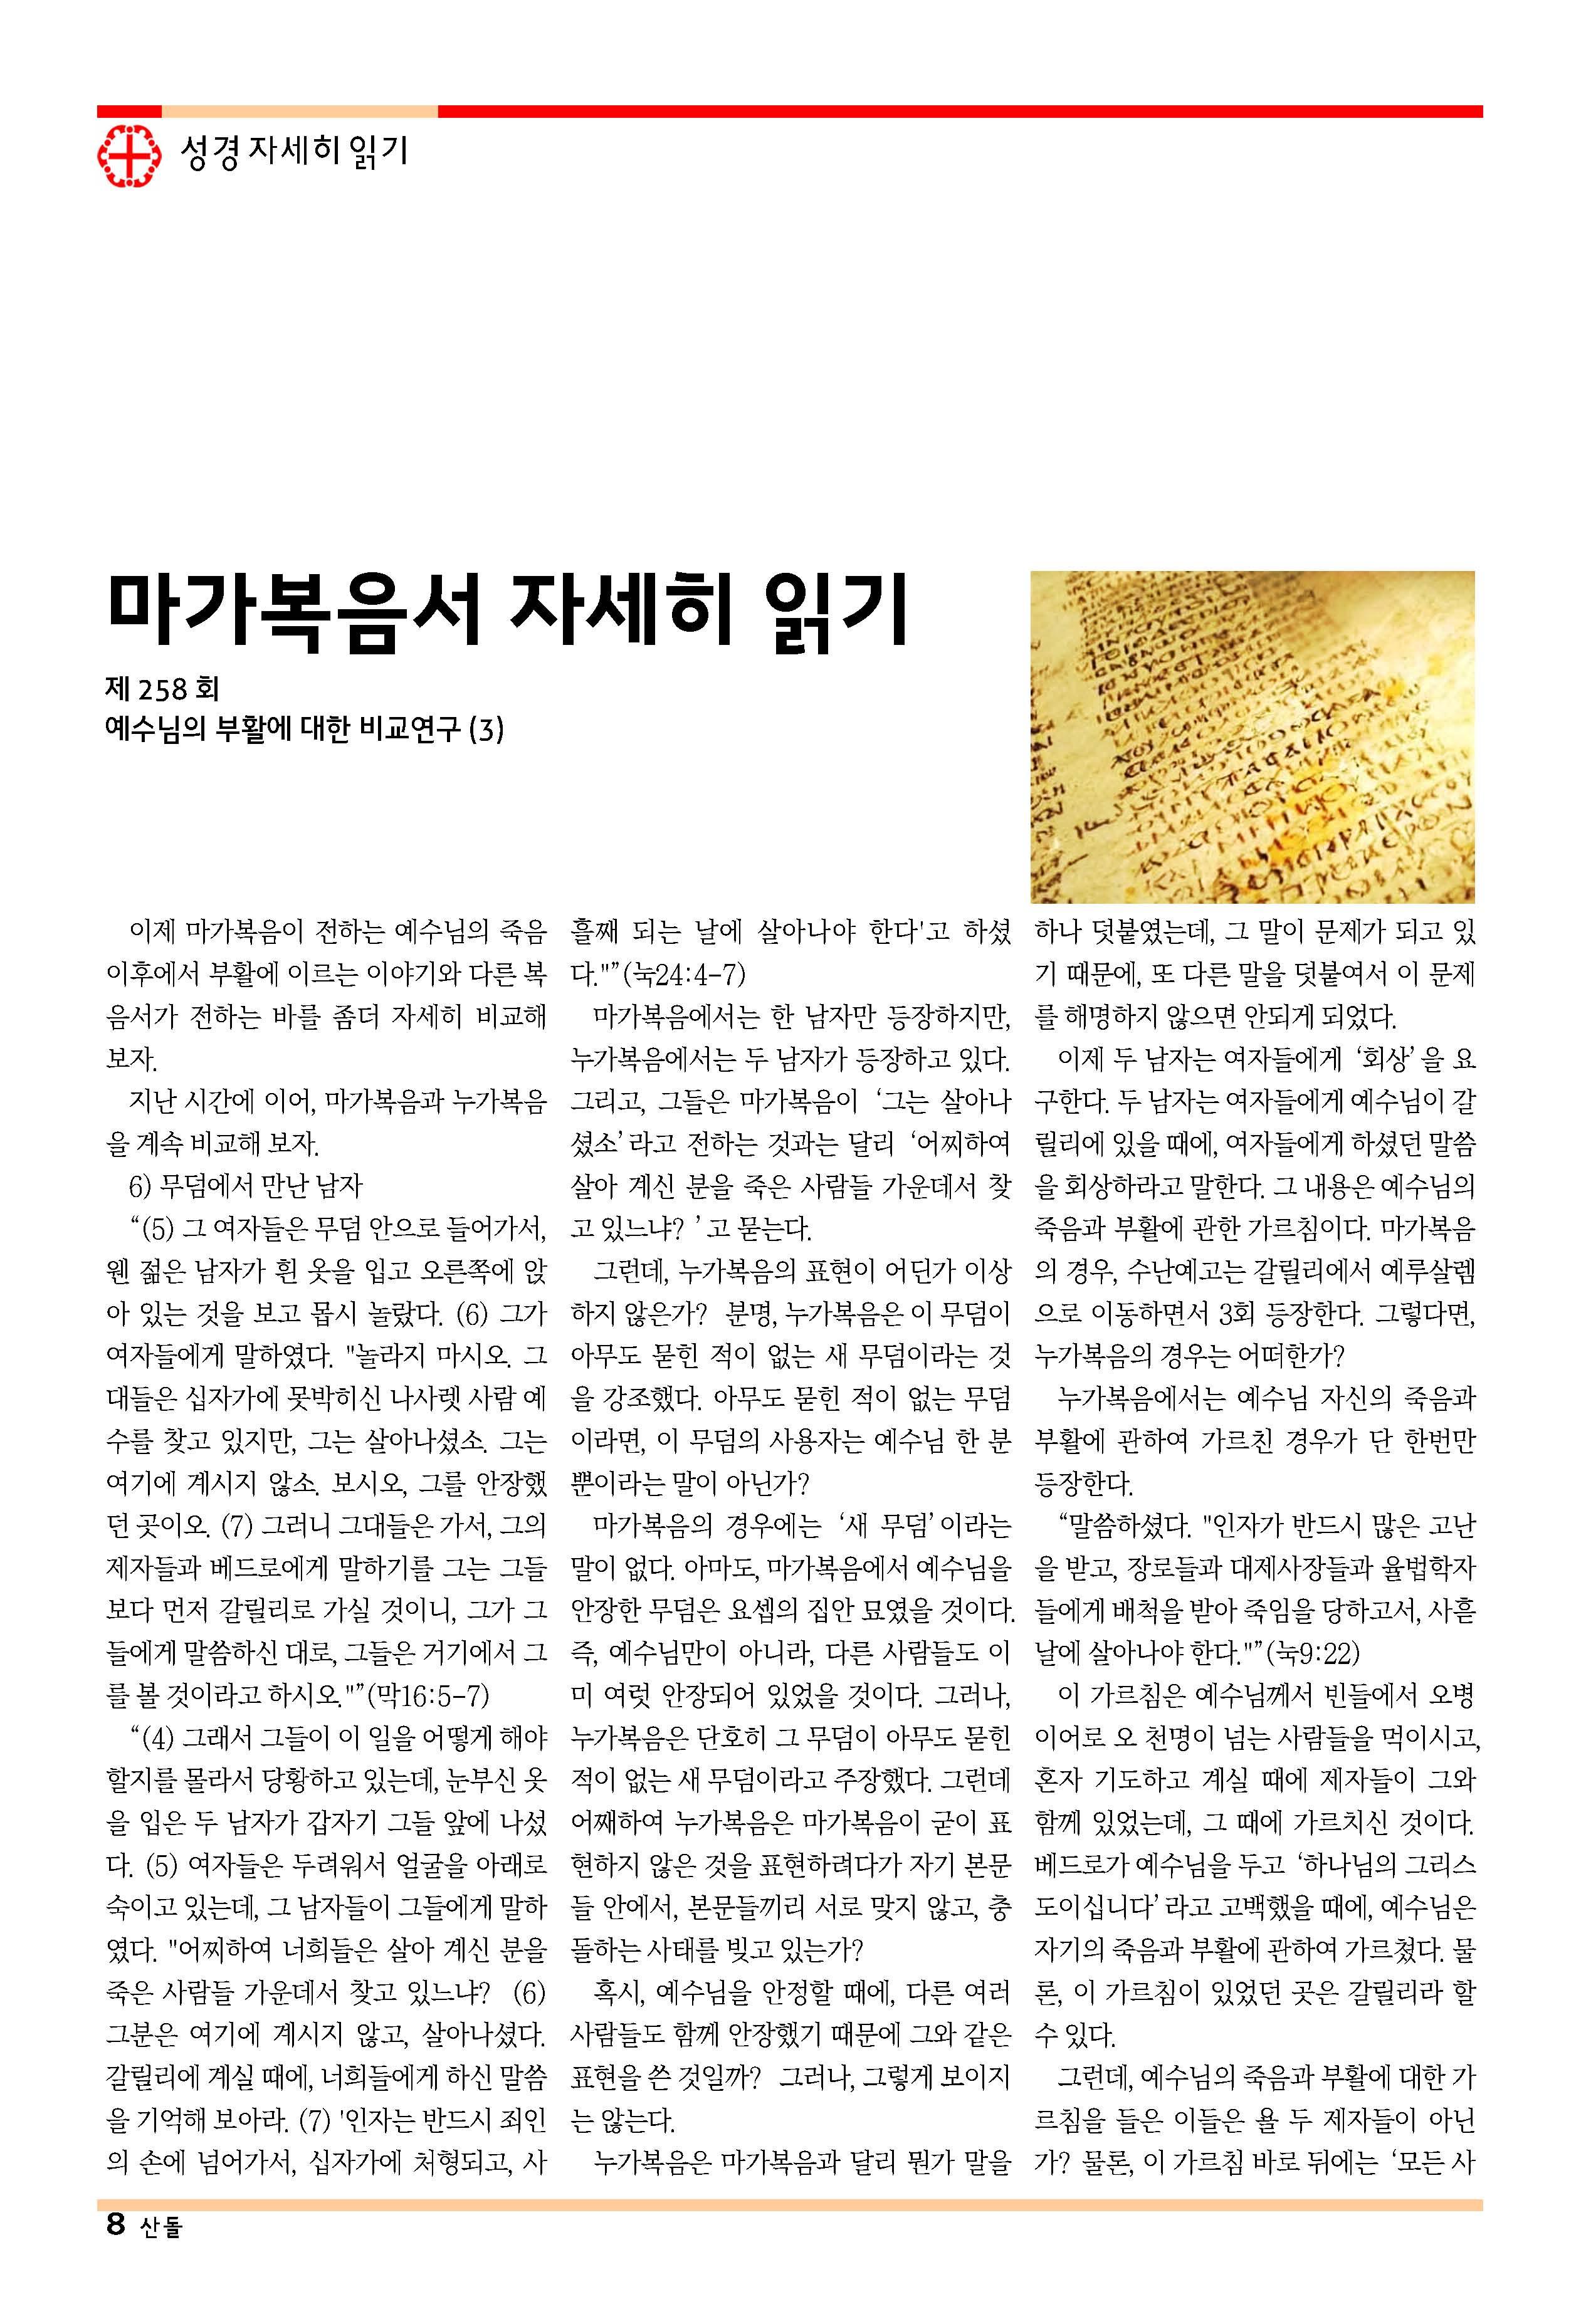 13sdjb0818_Page_08.jpg